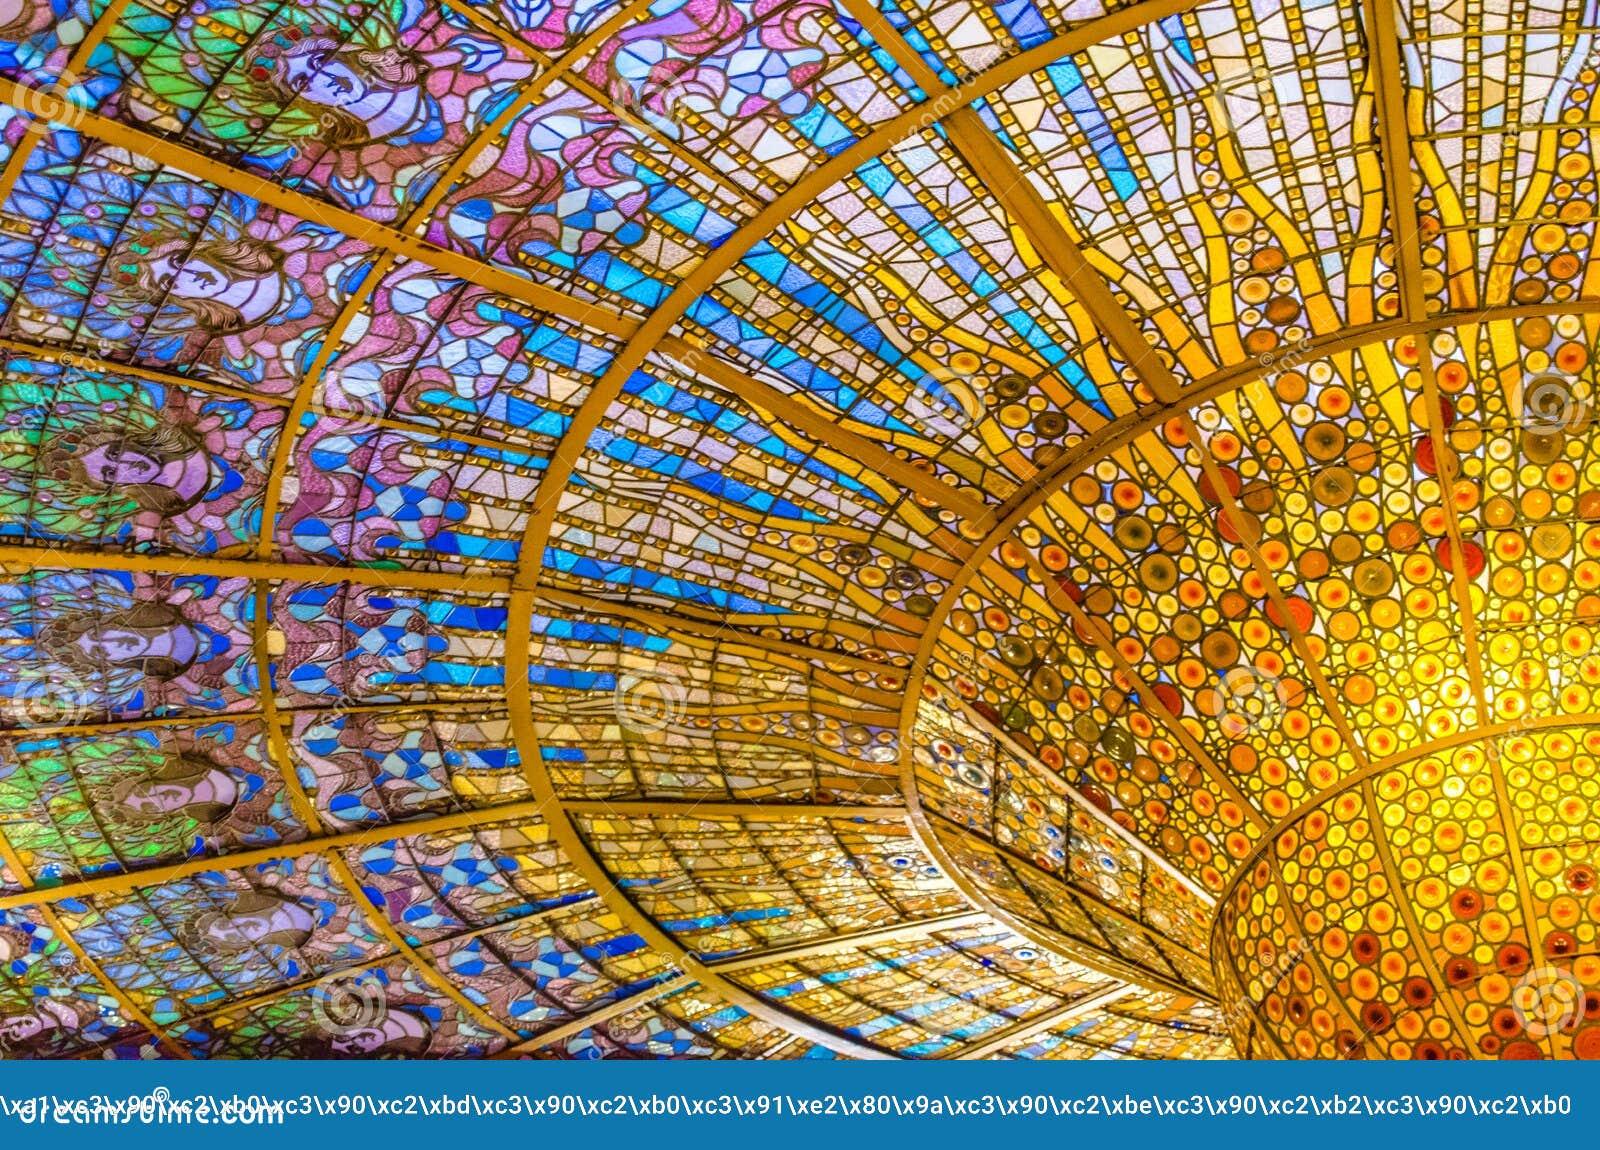 Catalana De Los angeles Musica Palau